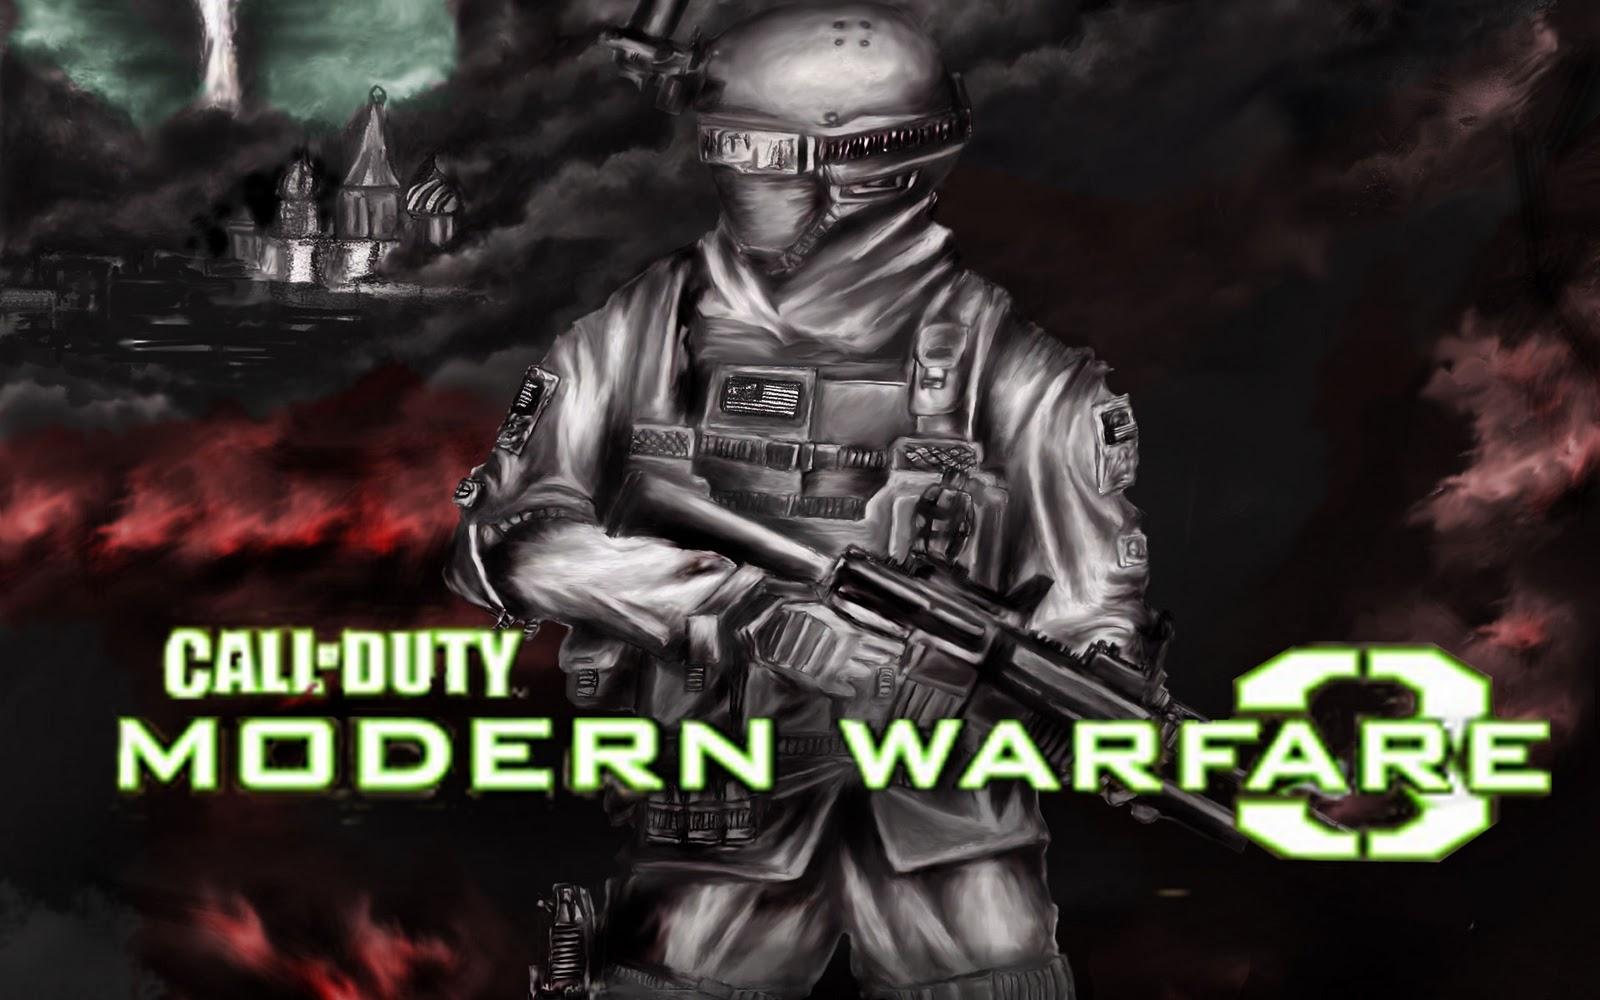 Modern Warfare 3 Gamespot Call Of Duty Modern Warfare 3